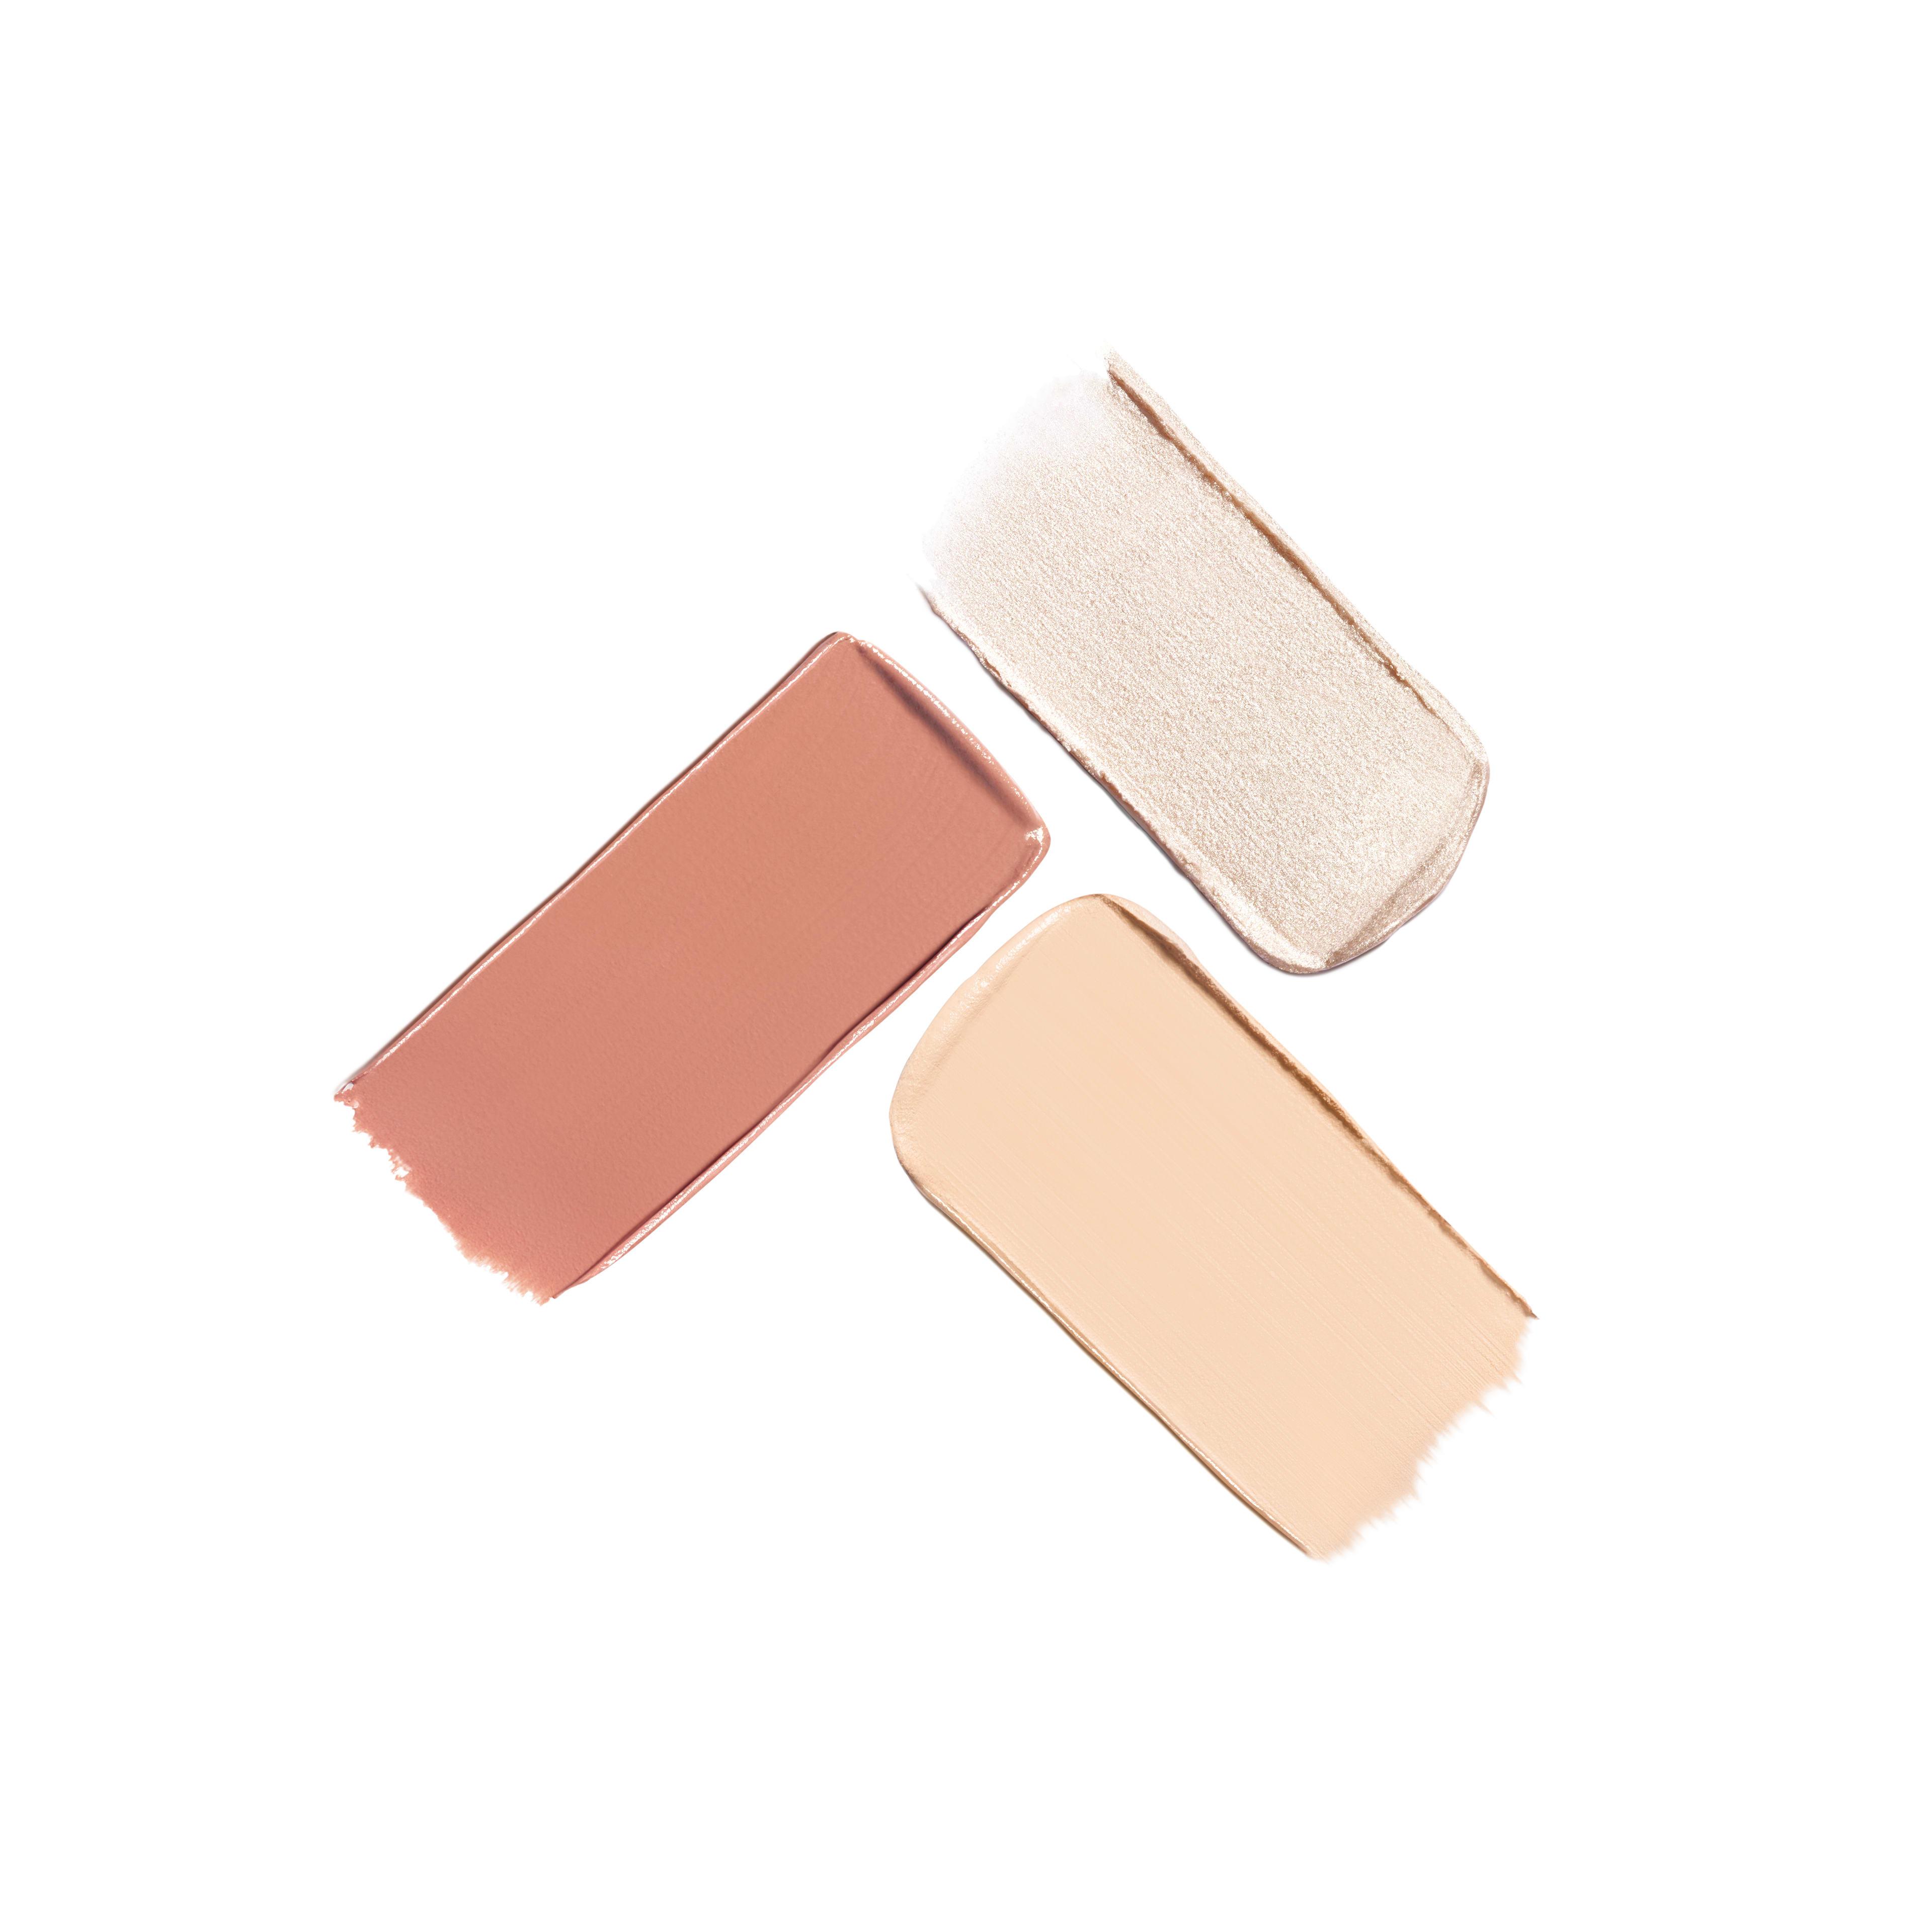 PALETTE ESSENTIELLE - makeup - 0.31OZ. - Basic texture view